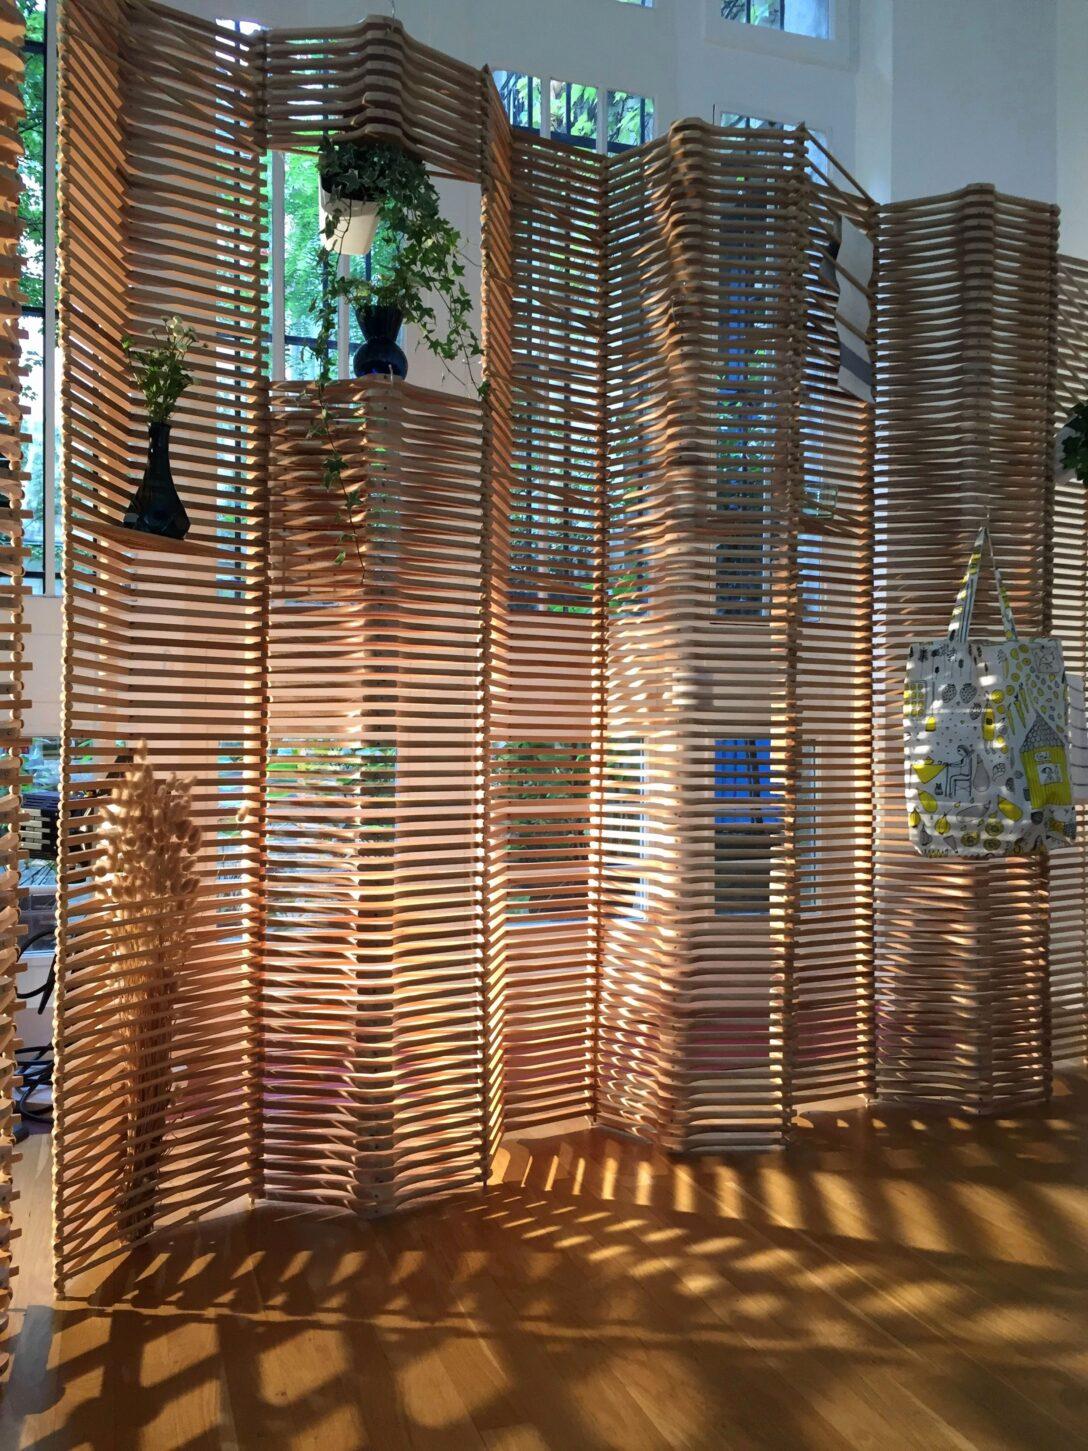 Large Size of Bildergebnis Fr Bambus Ikea Mit Bildern Küche Kosten Betten Bei 160x200 Sofa Schlaffunktion Garten Paravent Kaufen Miniküche Modulküche Wohnzimmer Paravent Balkon Ikea